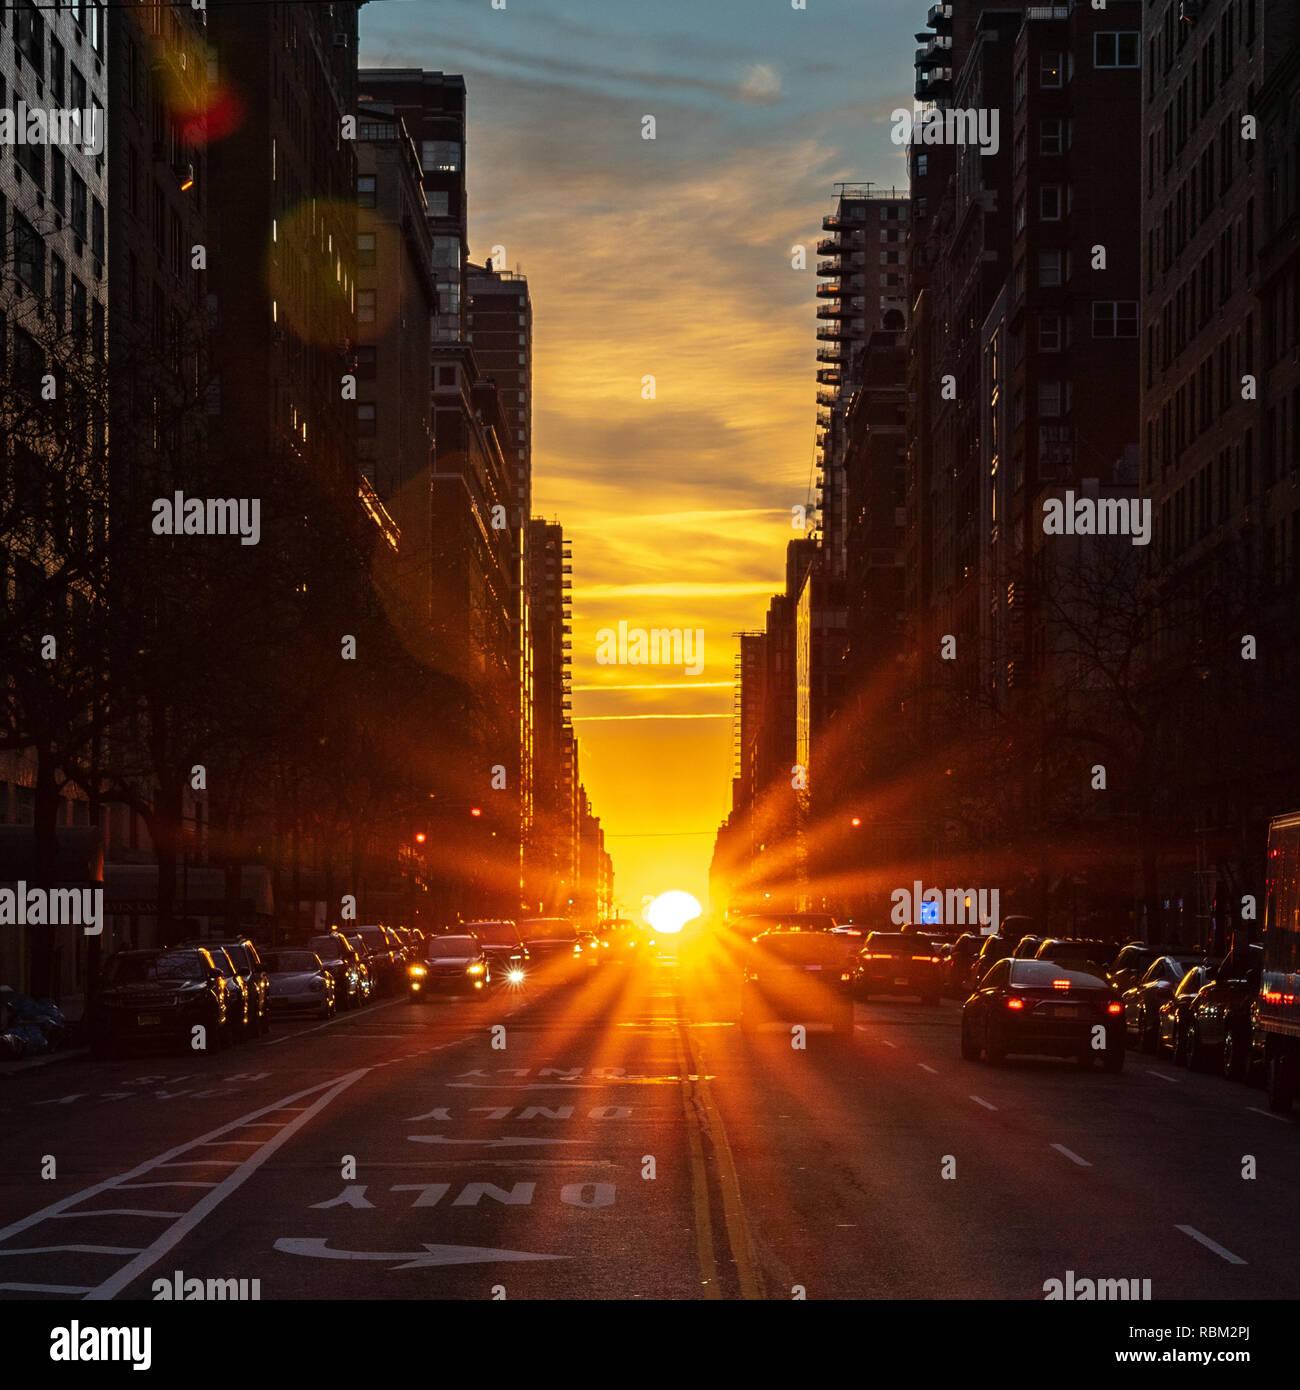 New York, Stati Uniti d'America. 11 gen 2019. Il Rising Sun è visto da Manhattan durante il solstizio d'inverno. Due volte l'anno il sole è perfettamente allineato con le strade di est-ovest delle principali città di New York street griglia, un fenomeno chiamato Manhattanhenge o Manhattan Solstice. Credito: Enrique Shore/Alamy Live News Immagini Stock